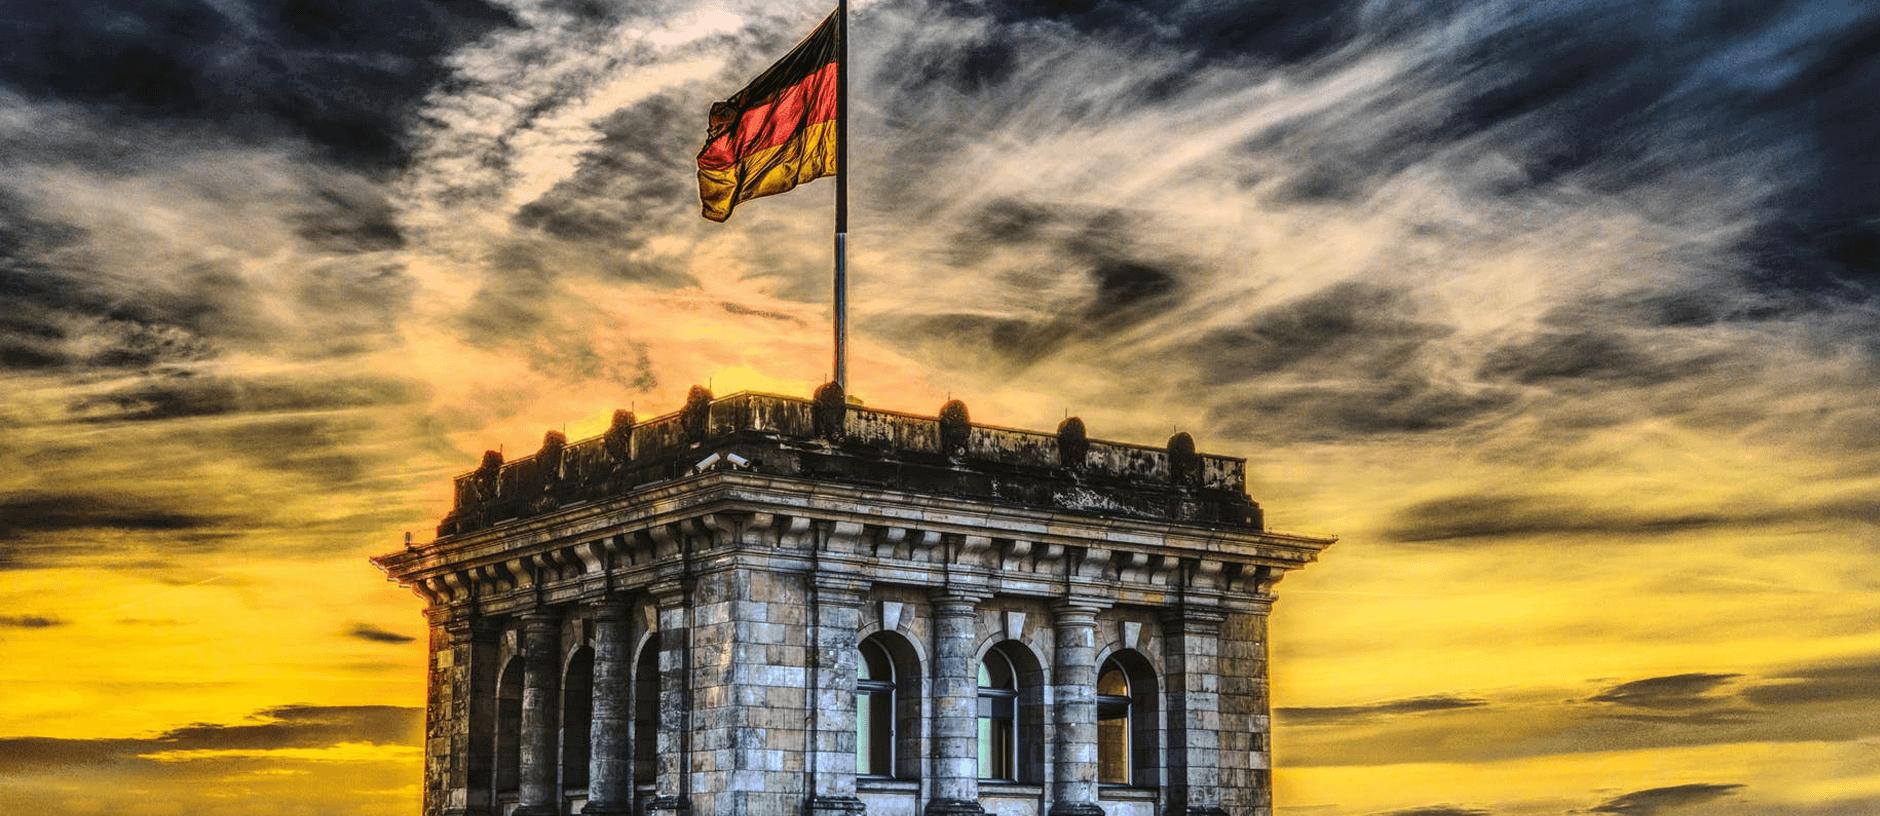 Beitragsseite Die Grünen sind zur beliebtesten politischen Partei Deutschlands geworden. Wie ist es passiert architektur kunst berlin gebäude 1 - Die Grünen sind zur beliebtesten politischen Partei Deutschlands geworden. Wie ist es passiert?